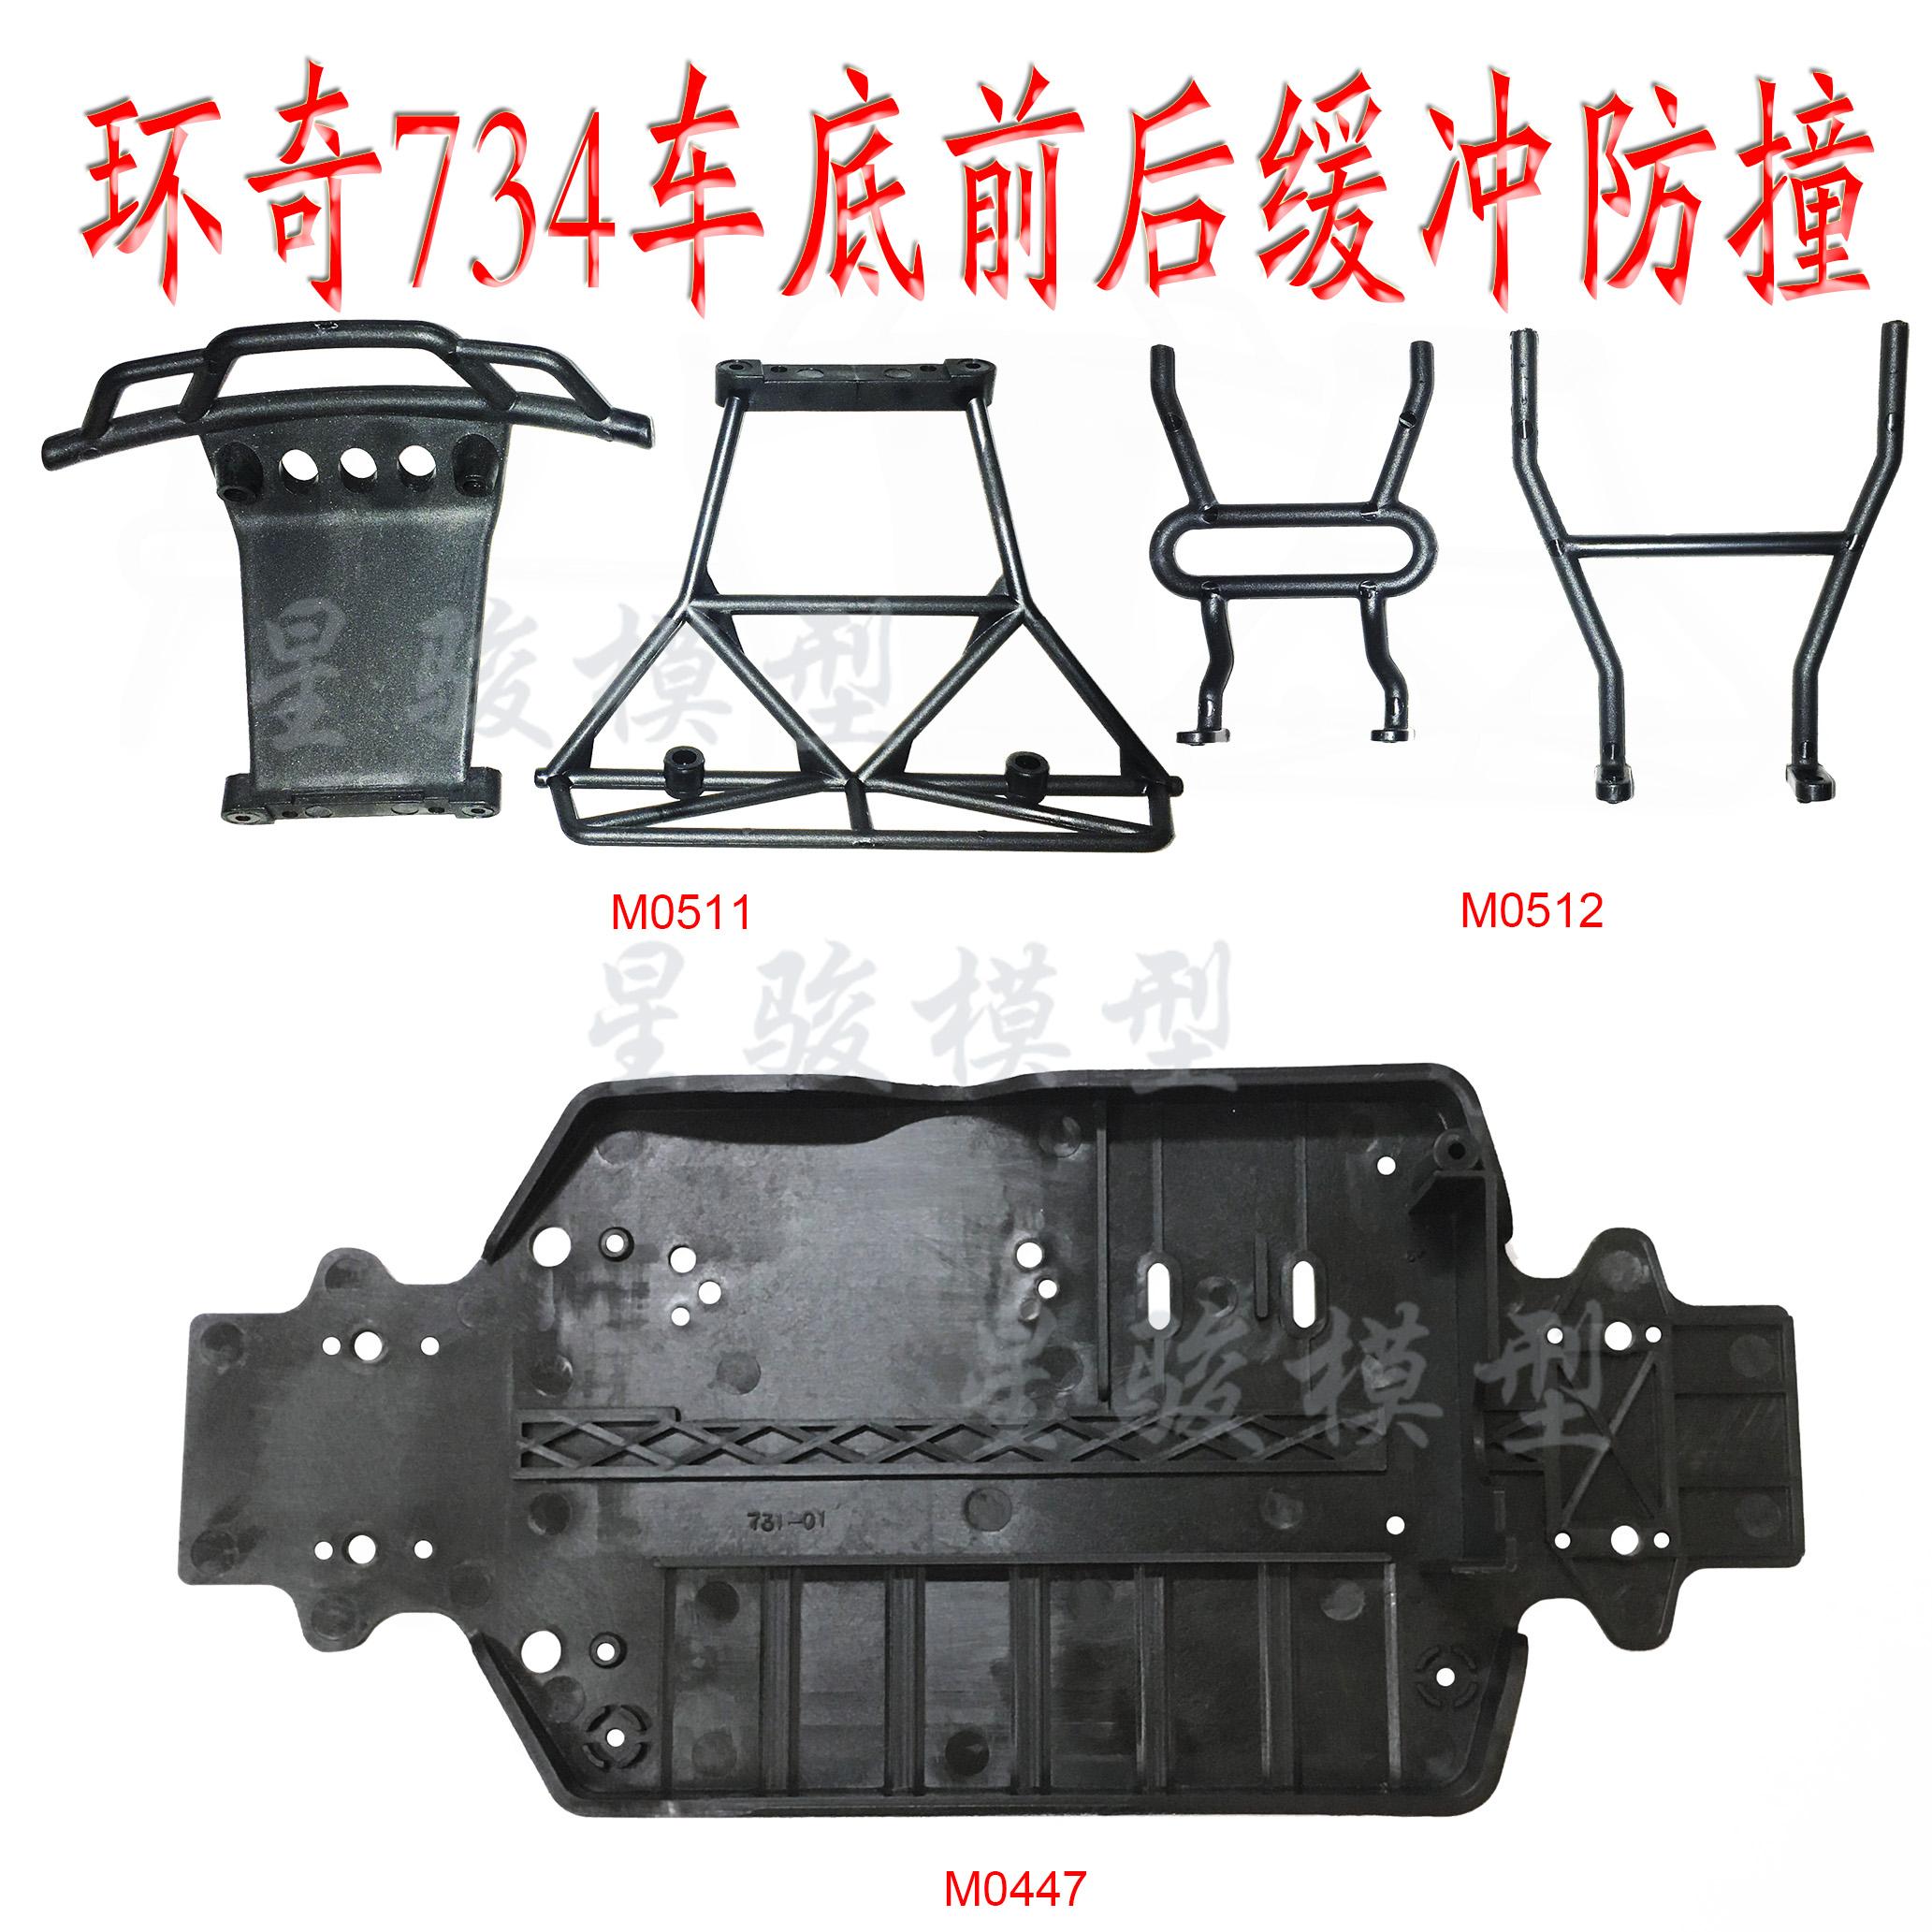 环奇734A遥控模型车身车底盘M0447前后防撞板缓冲配件M0511 M0512